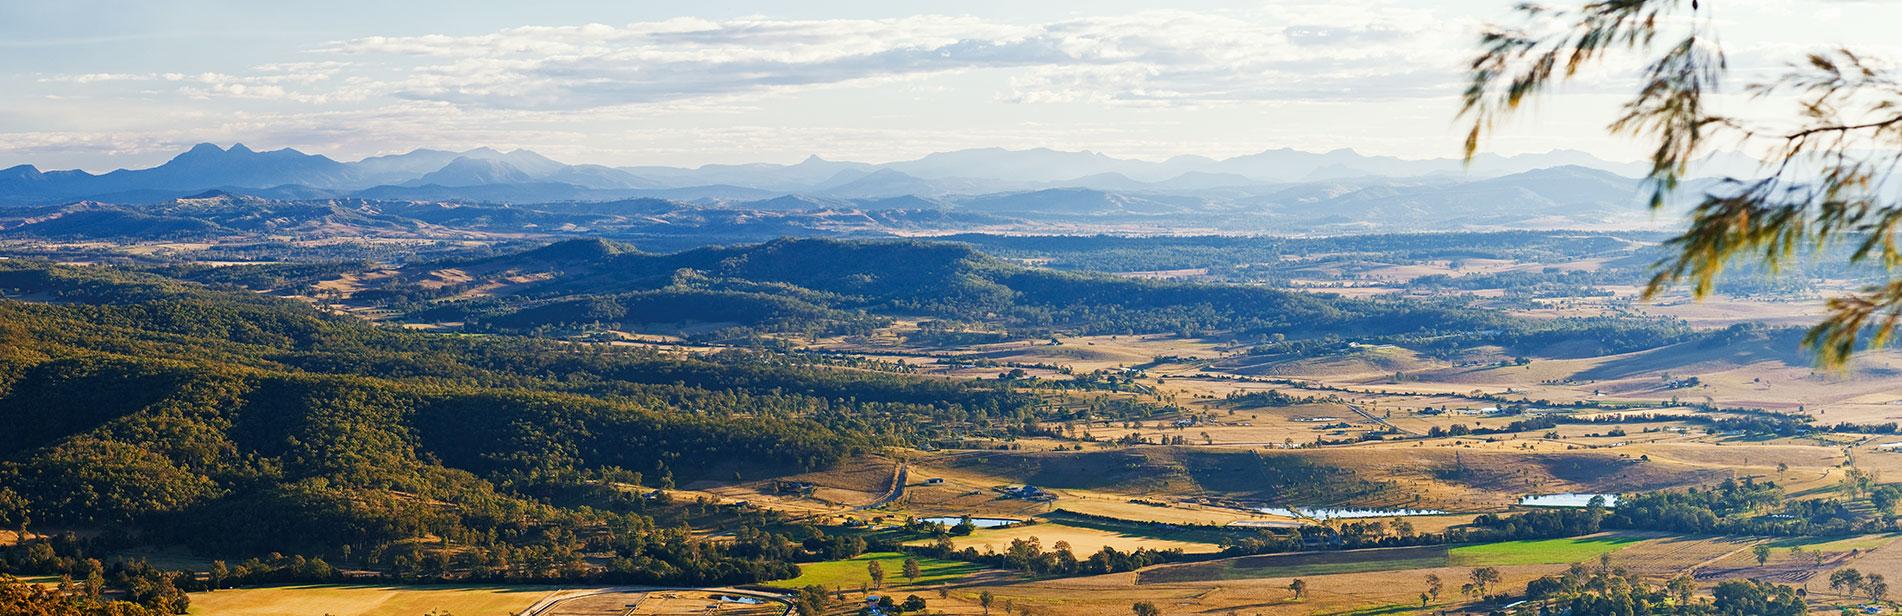 Invest Scenic Rim Queensland